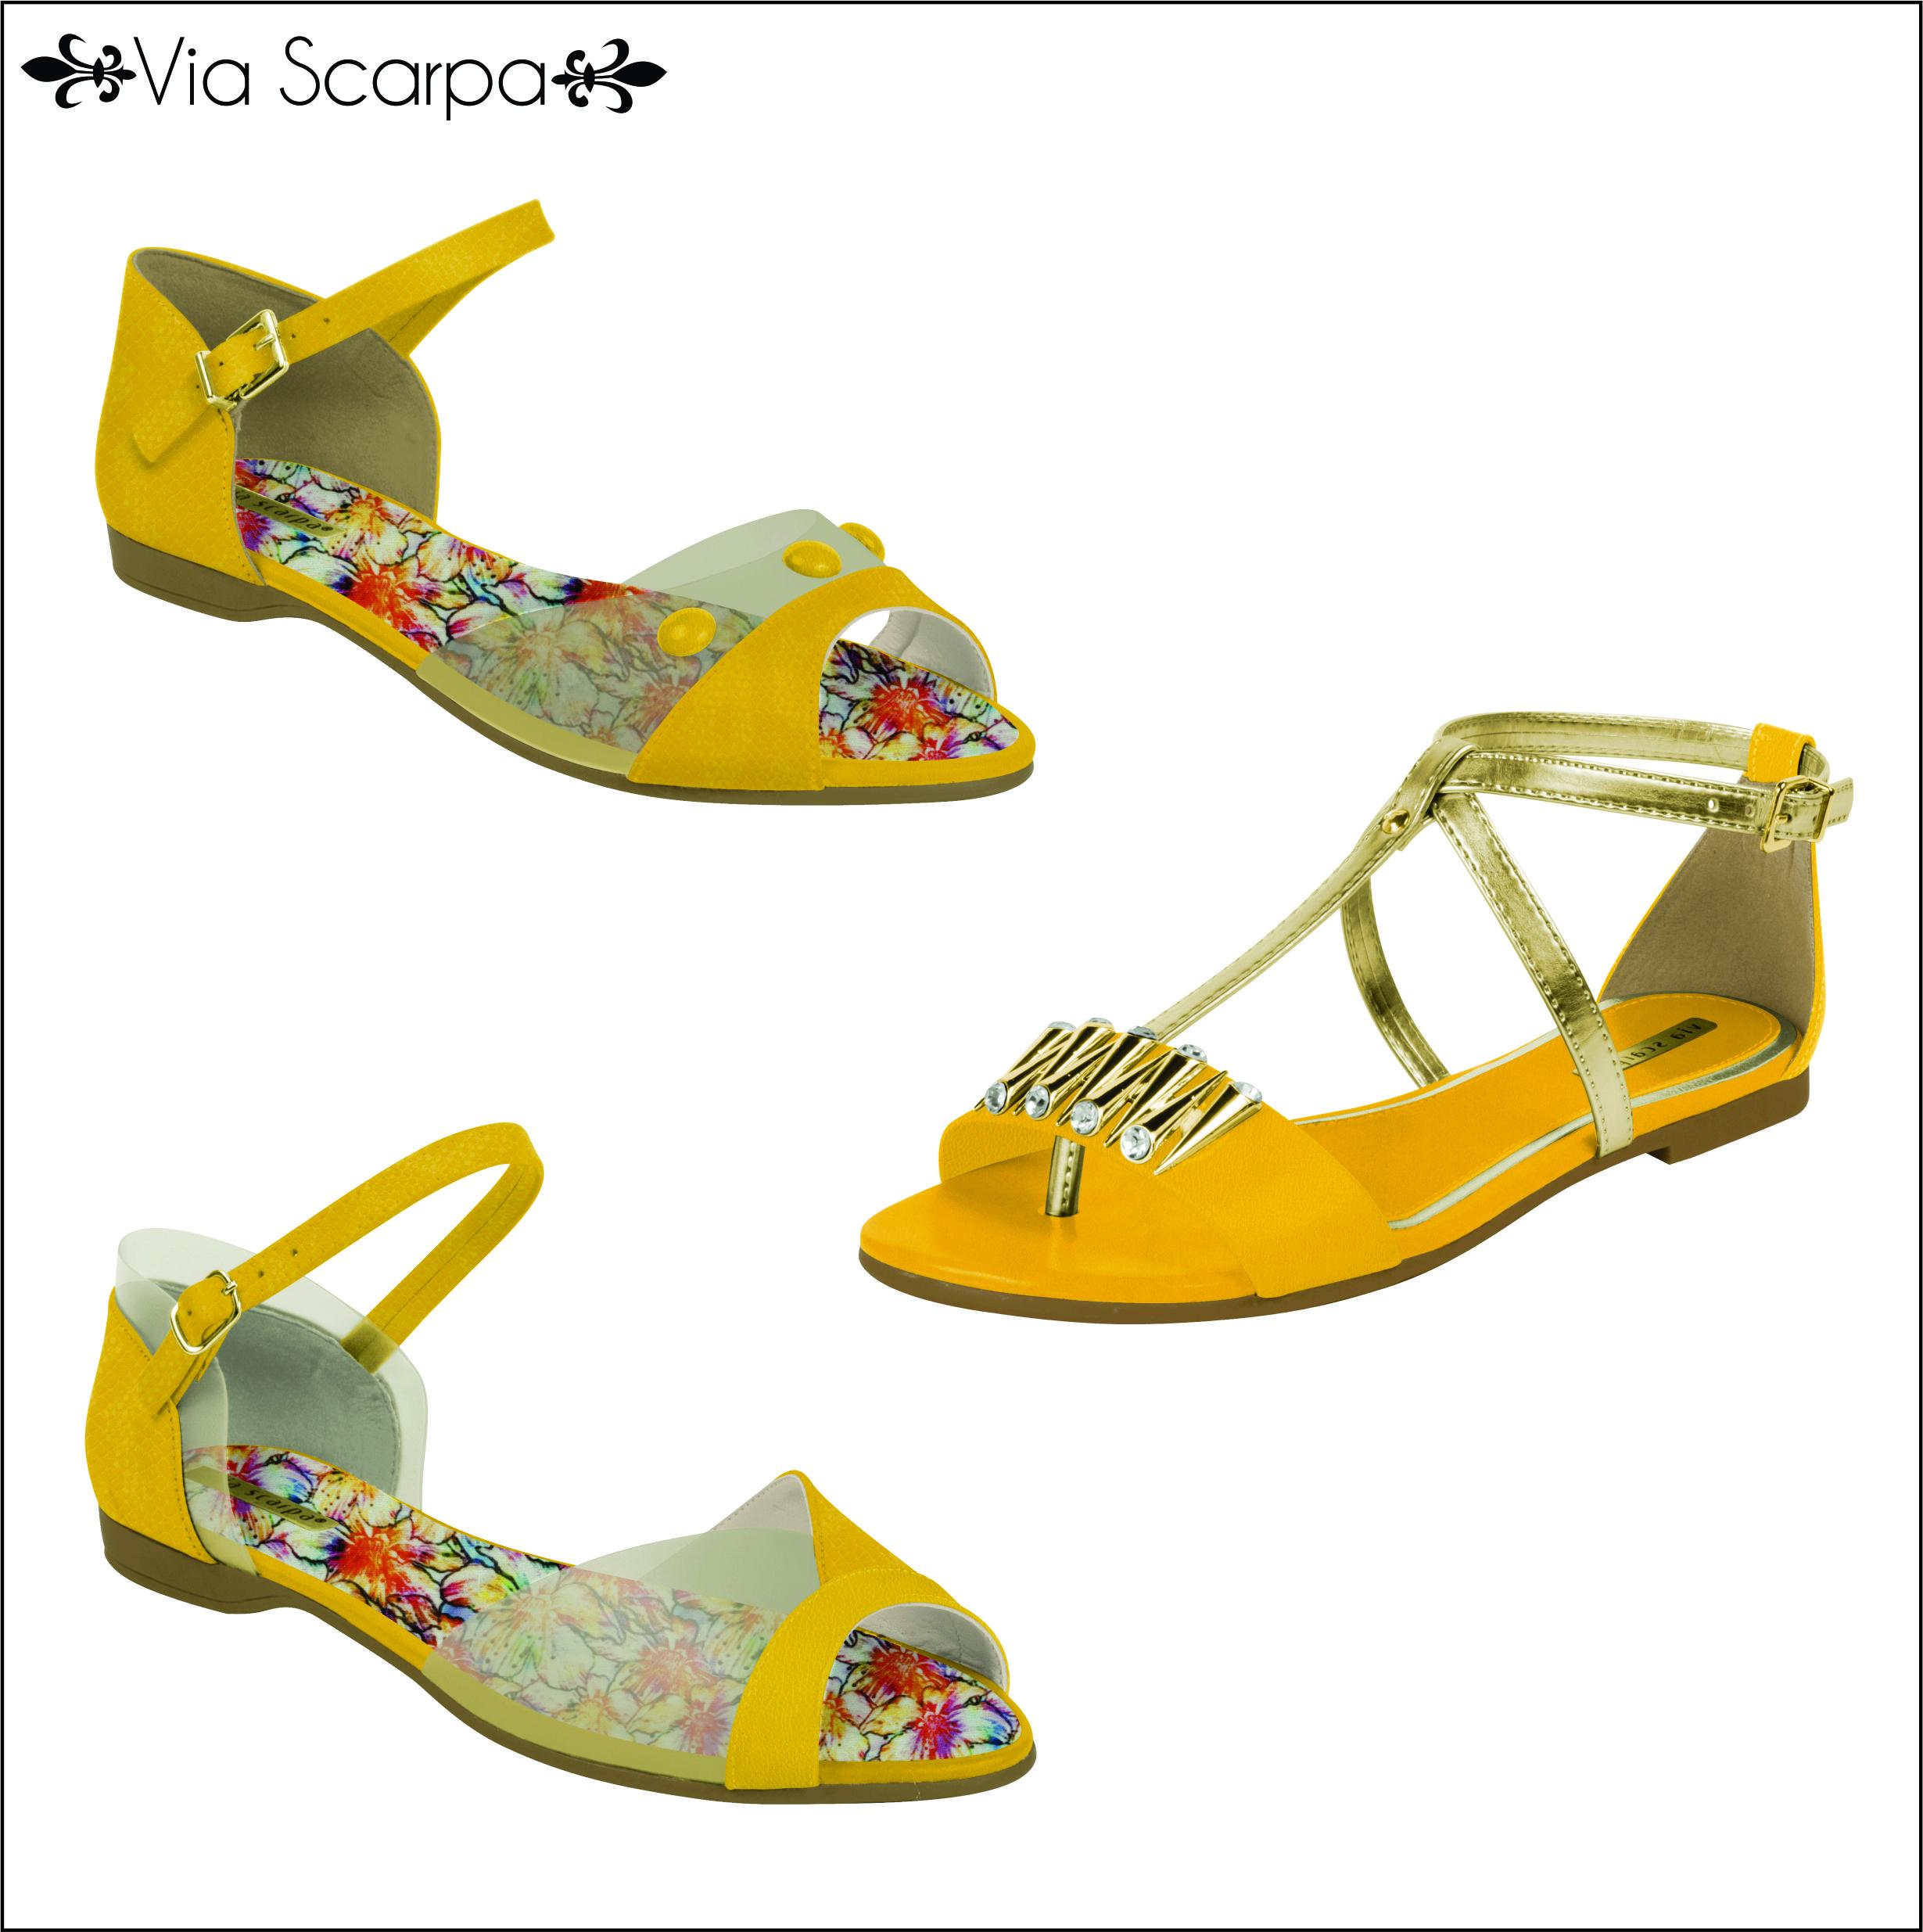 O Verão promete vir citrico, todo trabalhado no amarelo e também com uma pitadinha de laranja, super contagiante, a cara do verão. Trazendo uma energia vibrante e positiva! <3 <3 <3 #viascarpa #shoes #amarelo #canário #verão2015 #trends